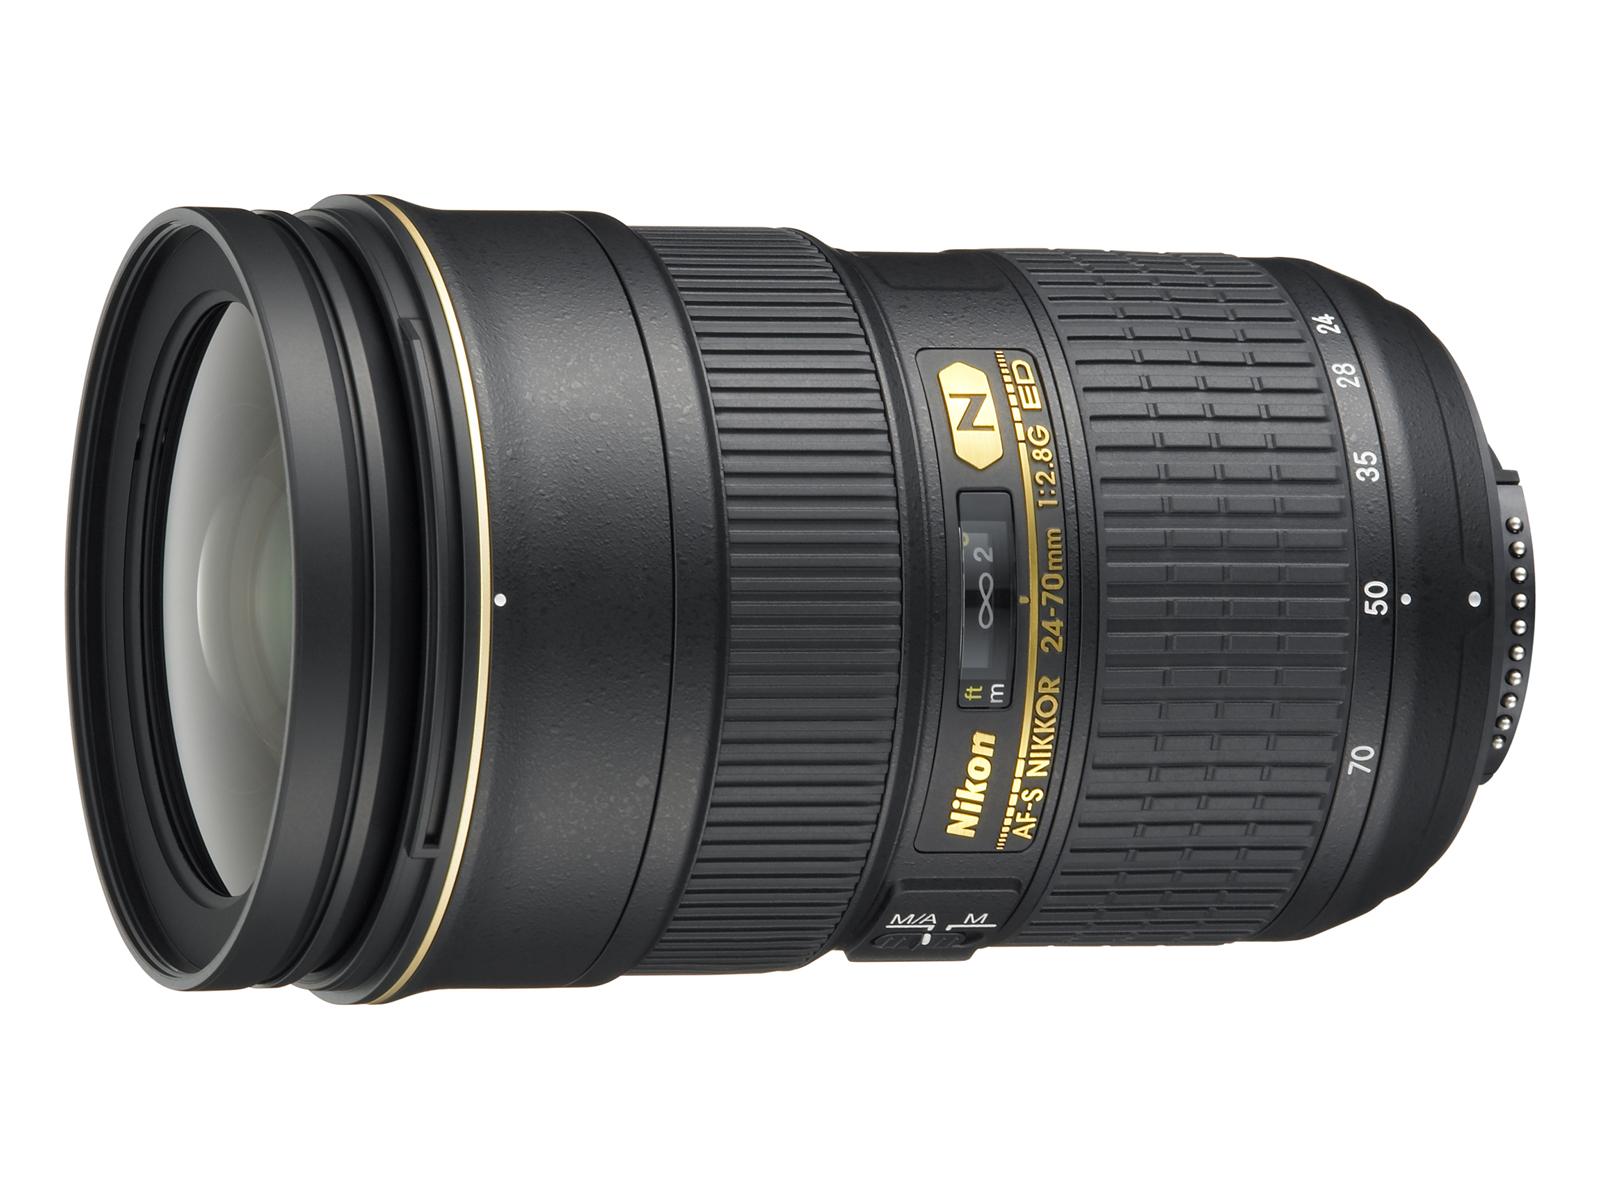 Nikon 24-70mm f/2.8G ED AF-S NIKKOR for Nikon DLSR Cameras With Free Gift